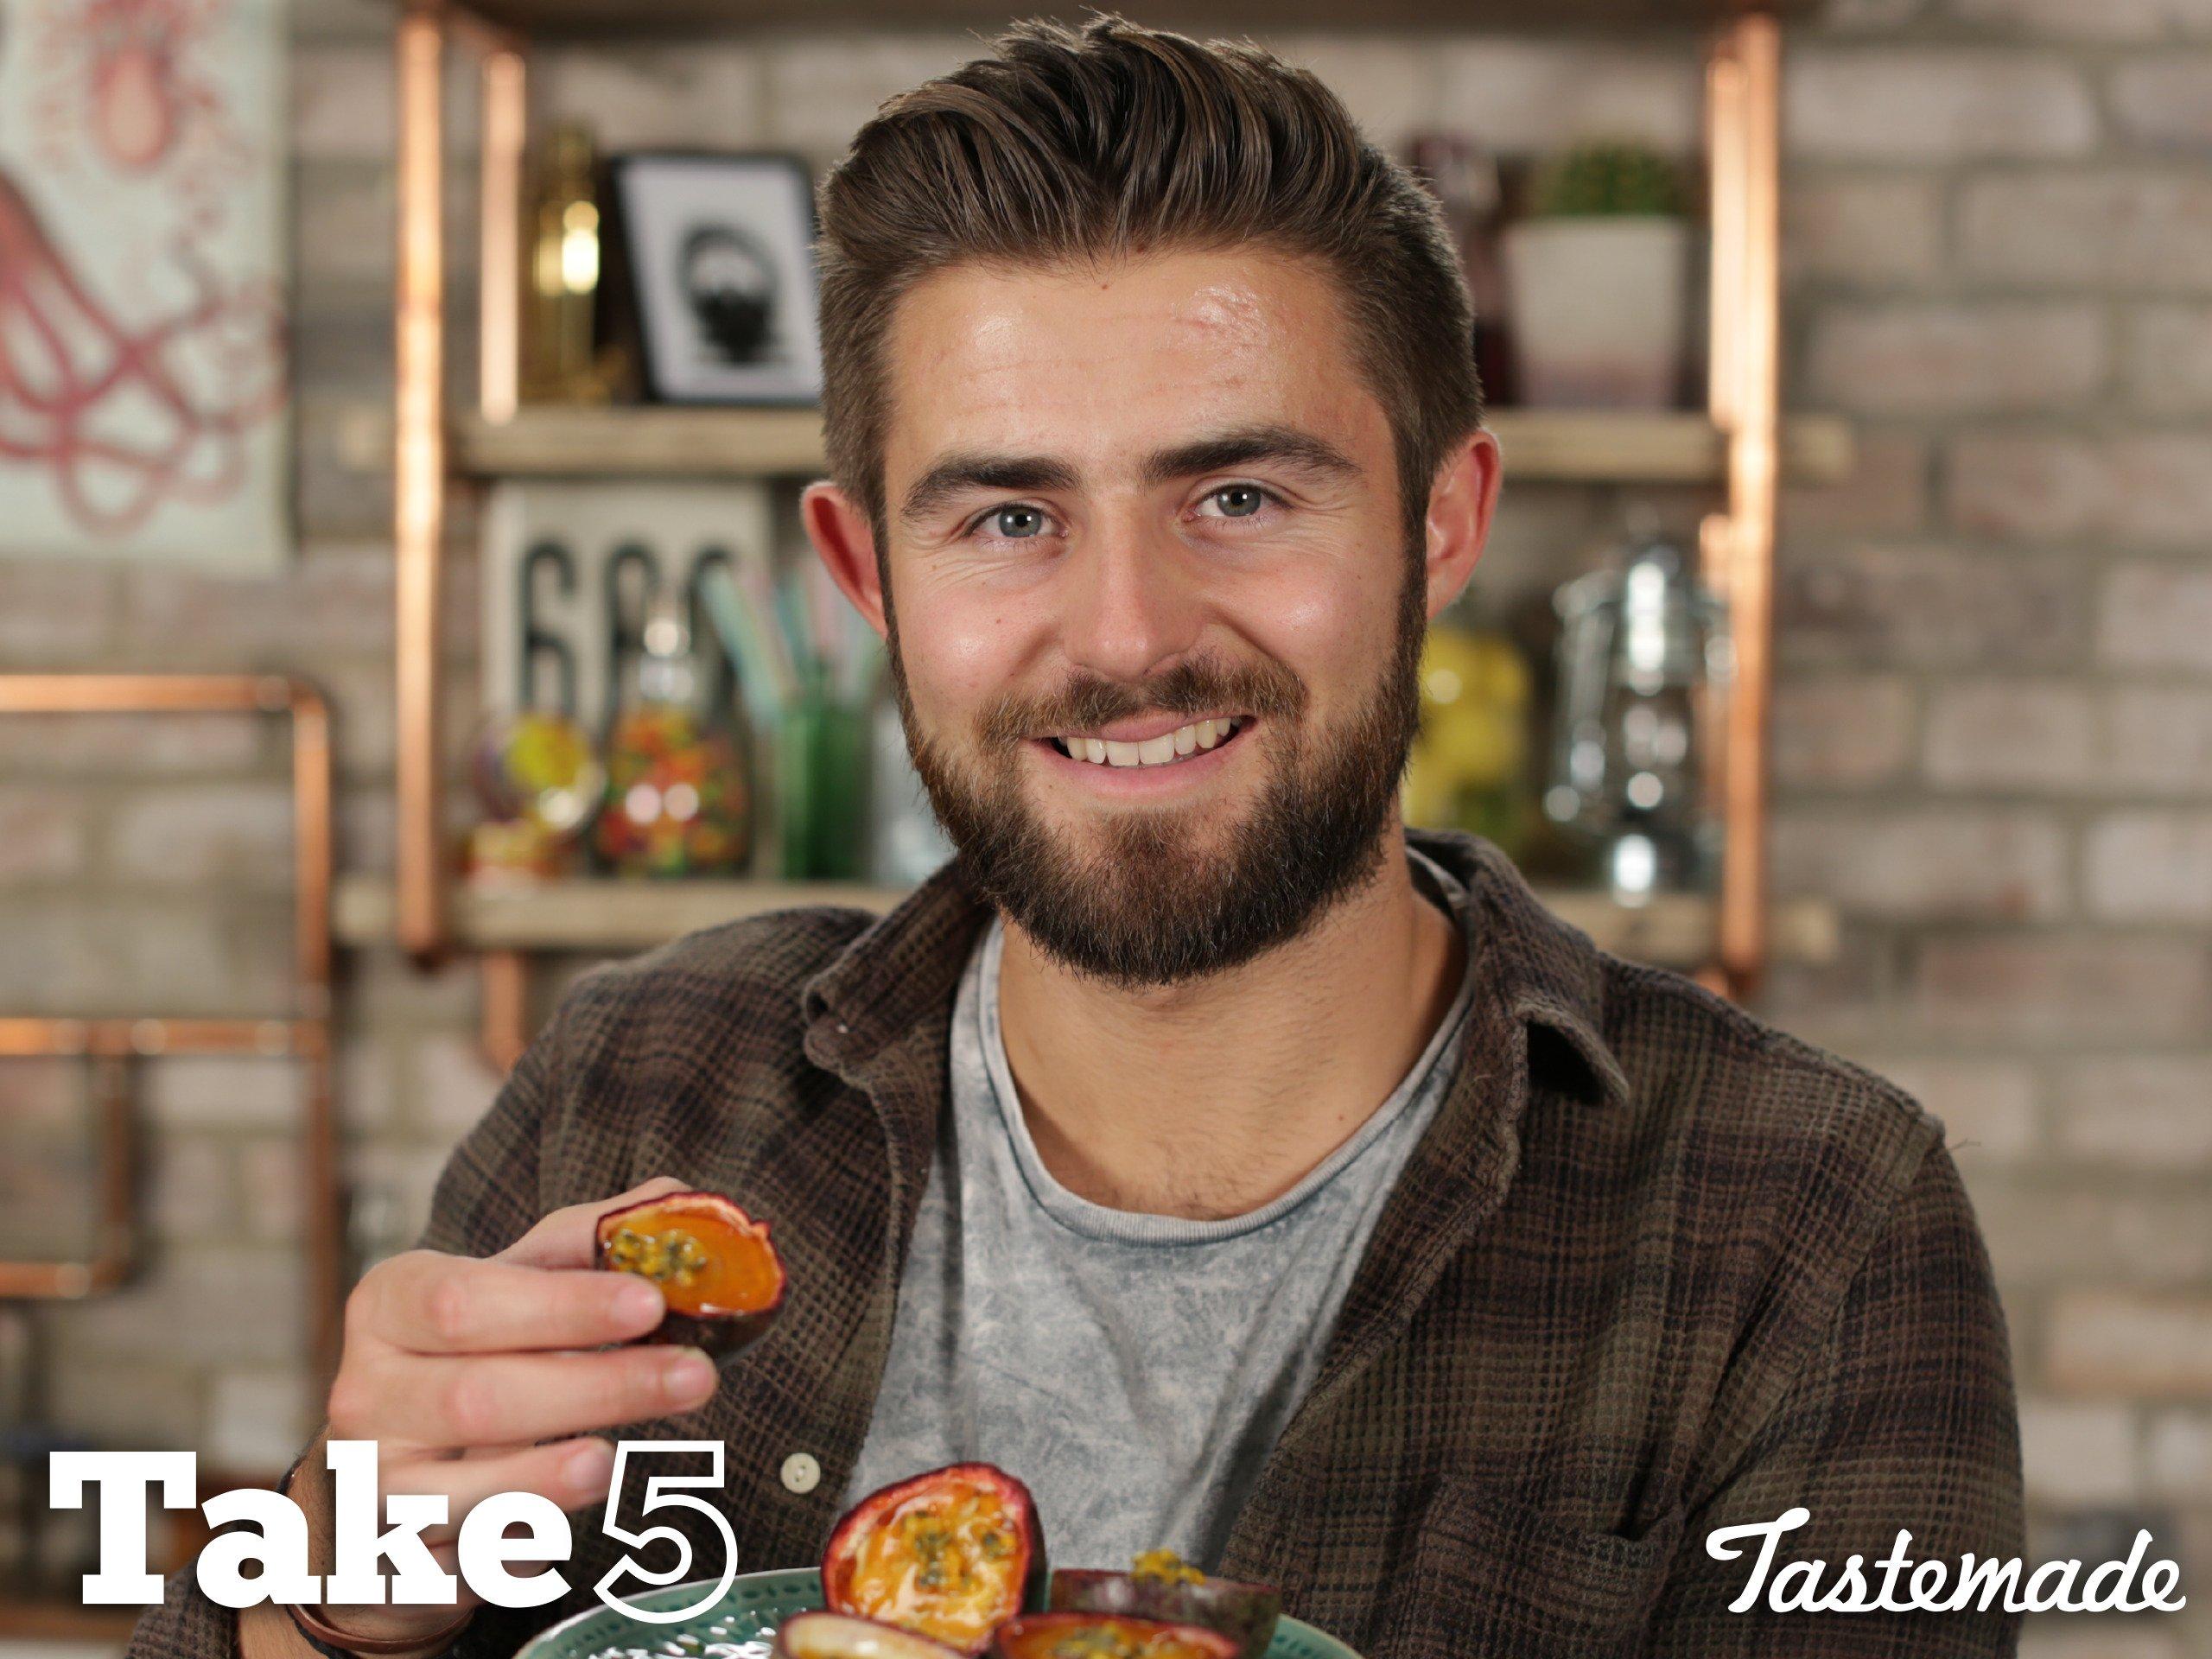 Take 5 - Season 1